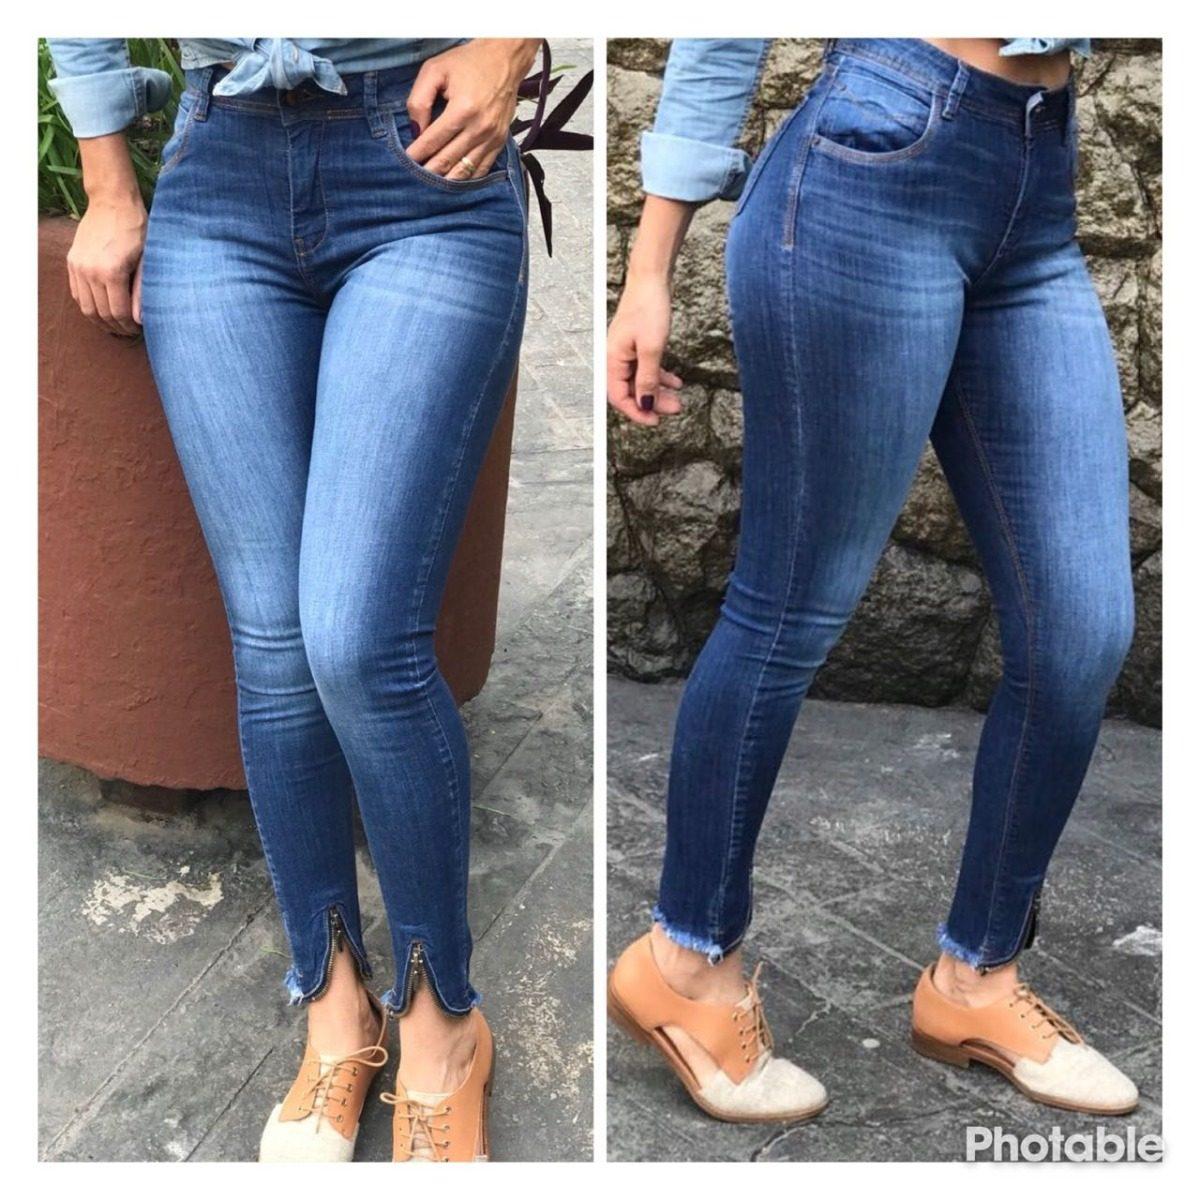 13ee4d3e4 calça feminina jeans cintura alta skinny barra destroyed. Carregando zoom.